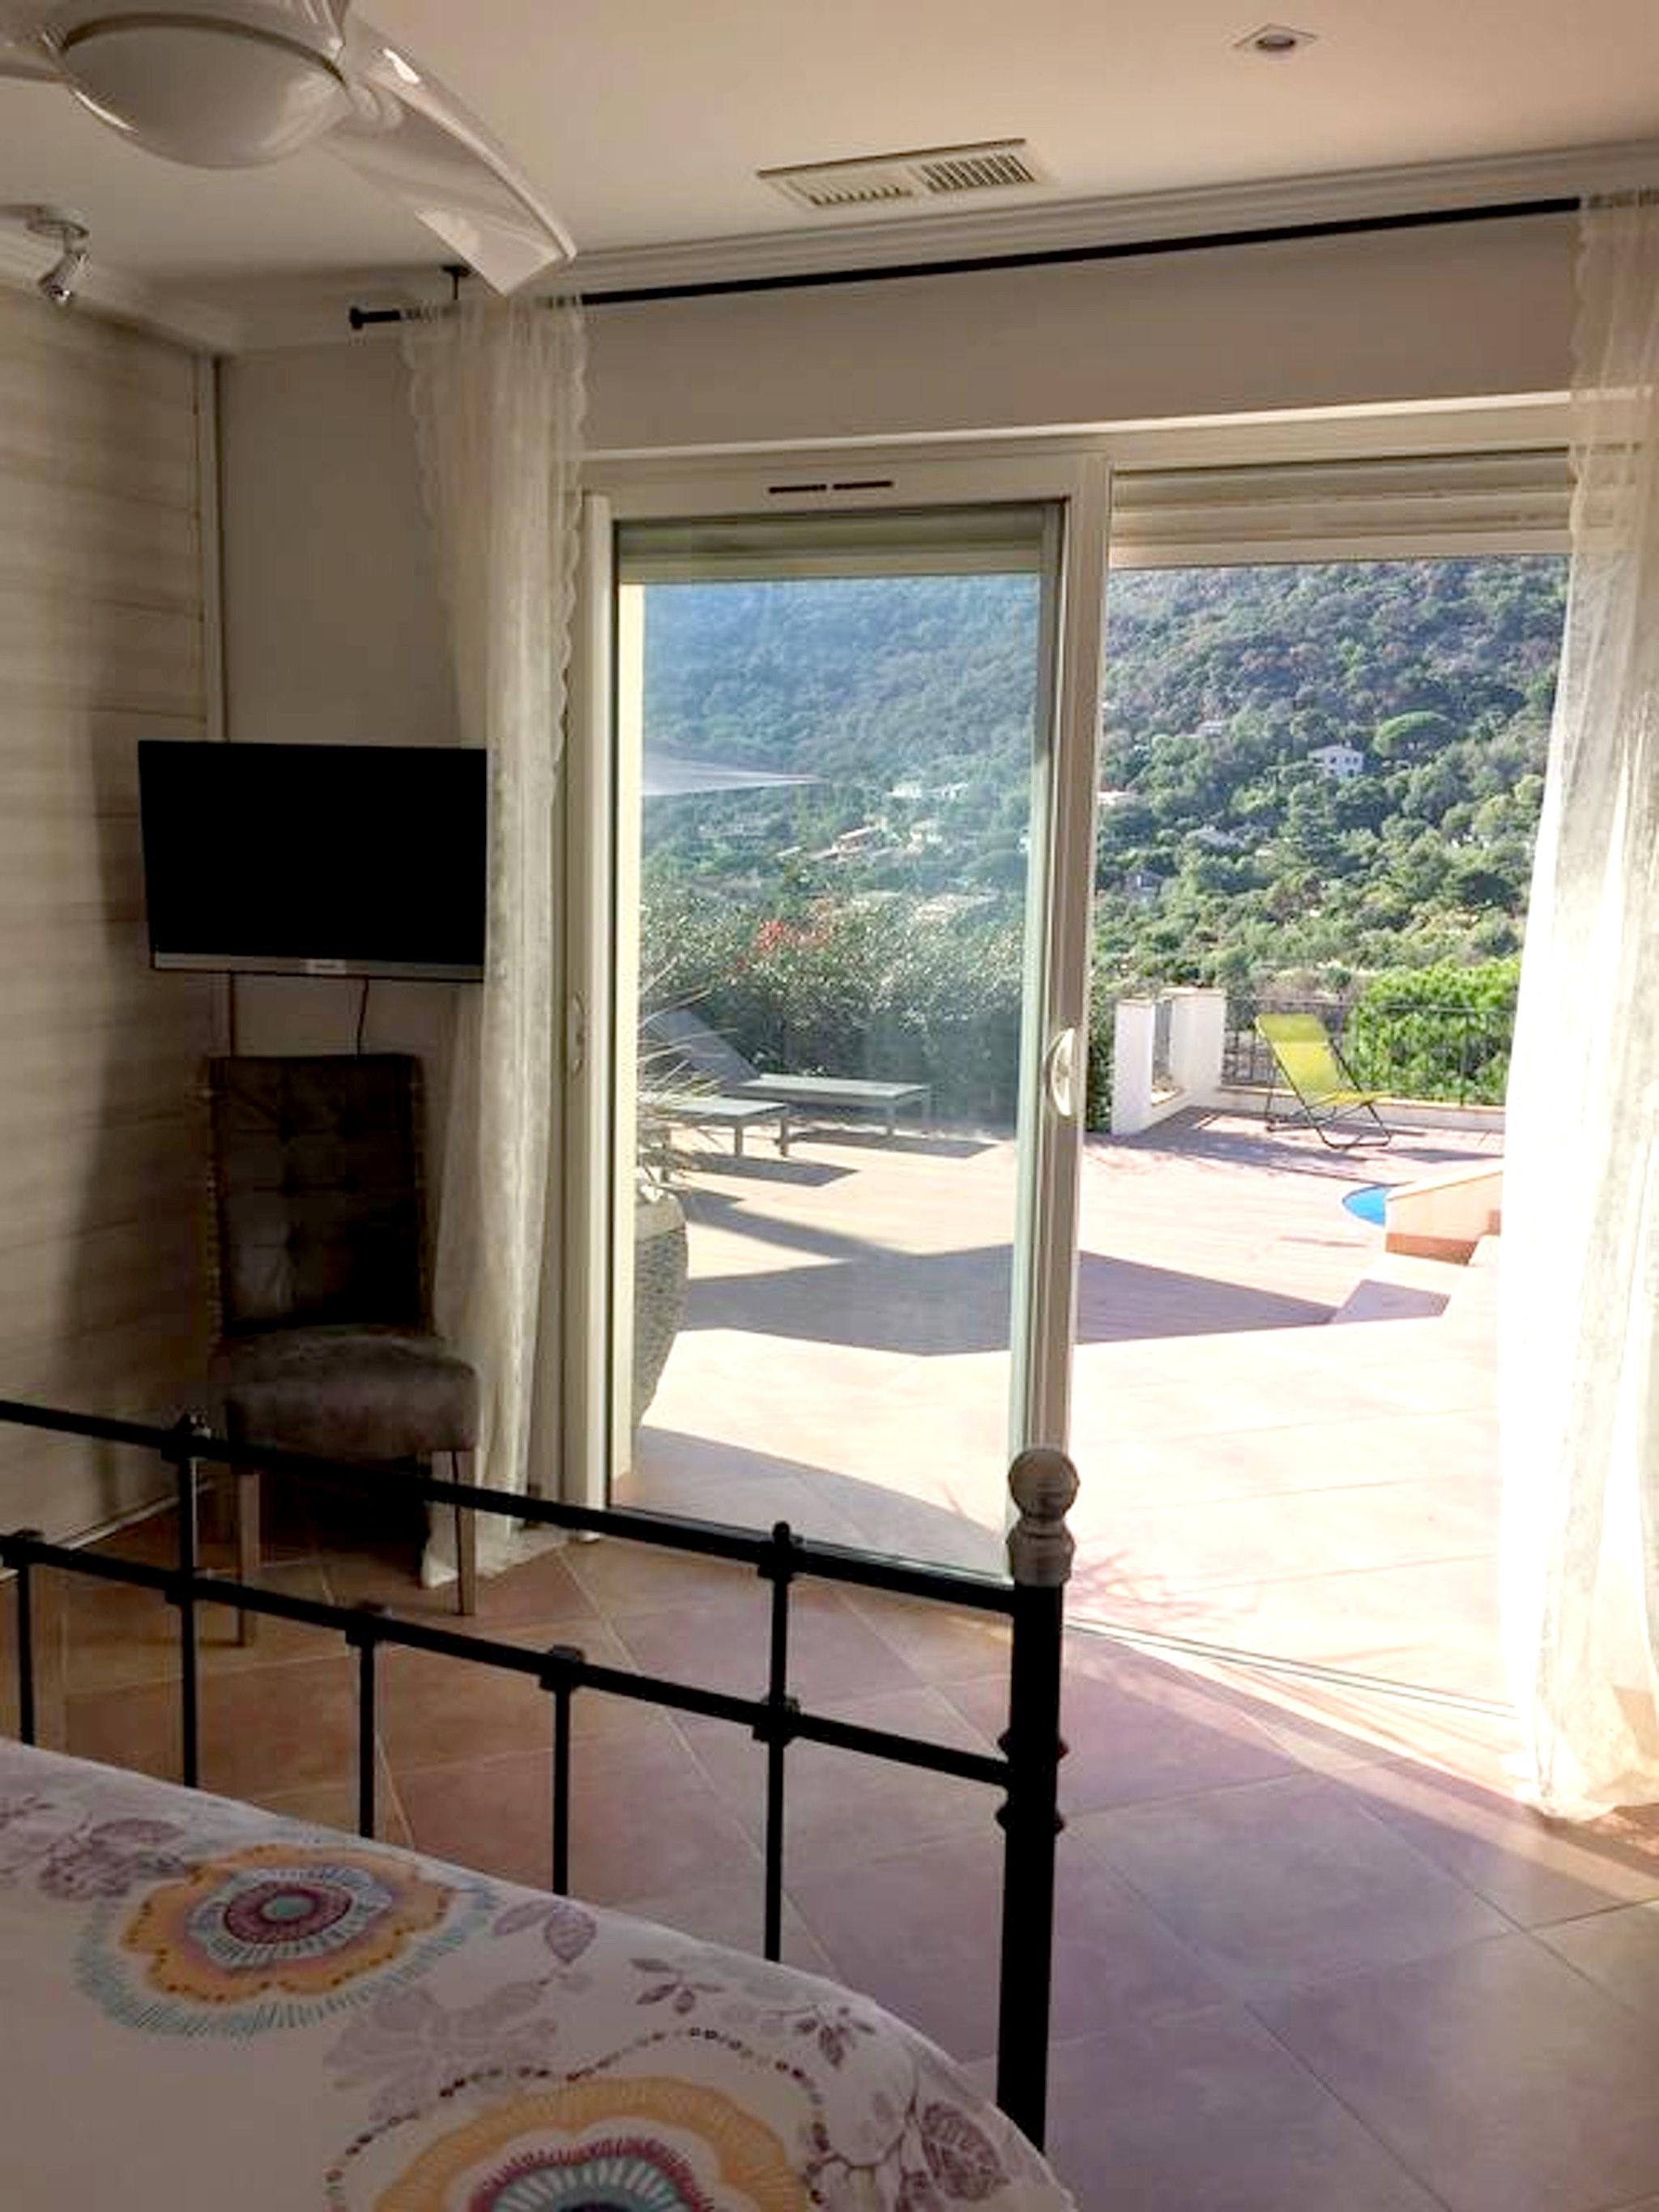 Maison de vacances Villa mit 5 Schlafzimmern in Rayol-Canadel-sur-Mer mit toller Aussicht auf die Berge, priv (2201555), Le Lavandou, Côte d'Azur, Provence - Alpes - Côte d'Azur, France, image 22